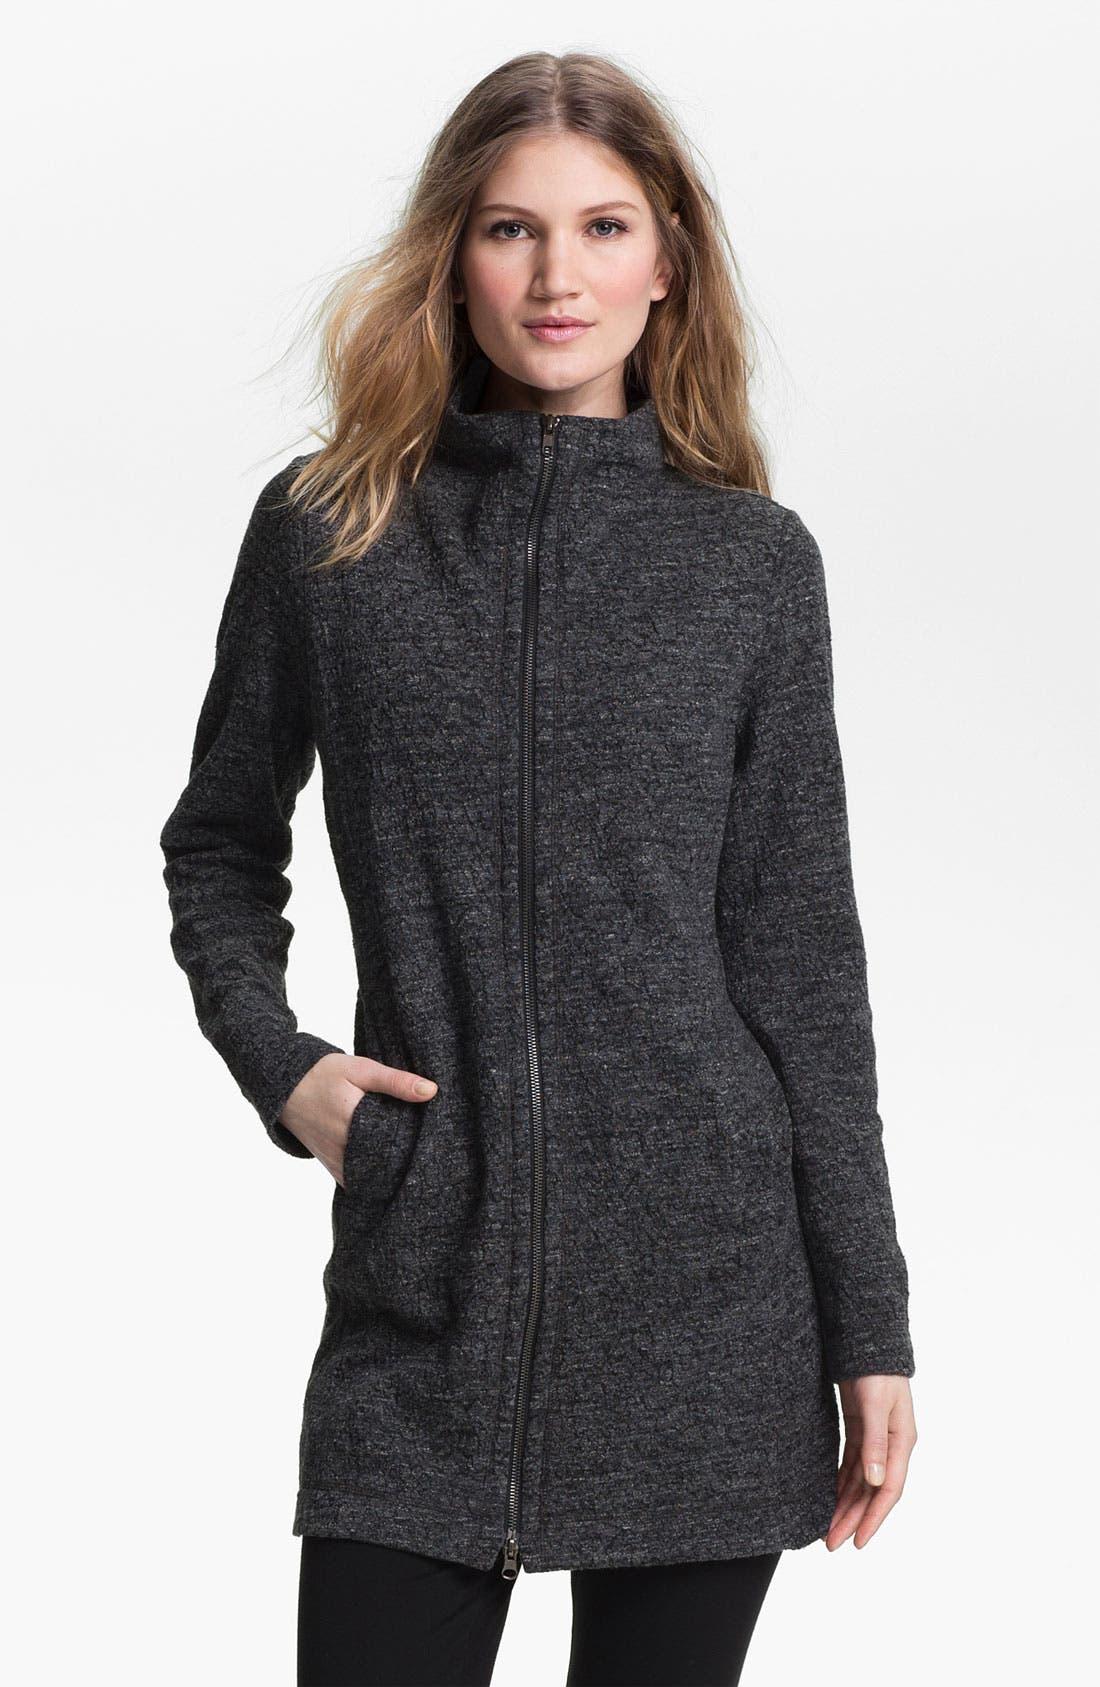 Alternate Image 1 Selected - Eileen Fisher Funnel Neck Zip Jacket (Online Exclusive)